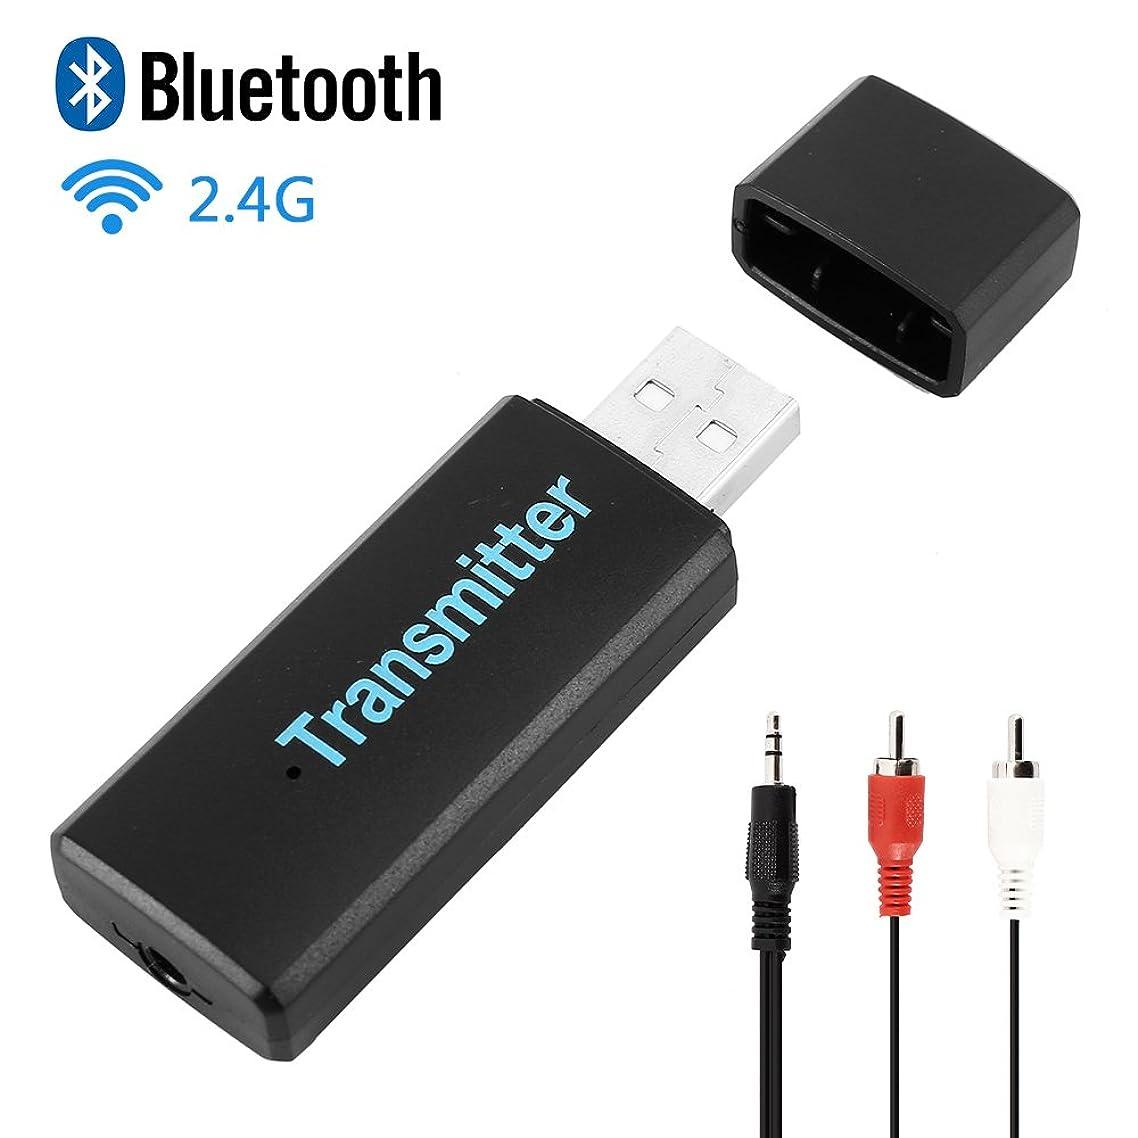 インスタンス後悔魅了するEnjoygojp USB Bluetooth オーディオ トランスミッタ ワイヤレス 100(Mbps) TV PC DVD MP3 UK wifi 2.4GHz